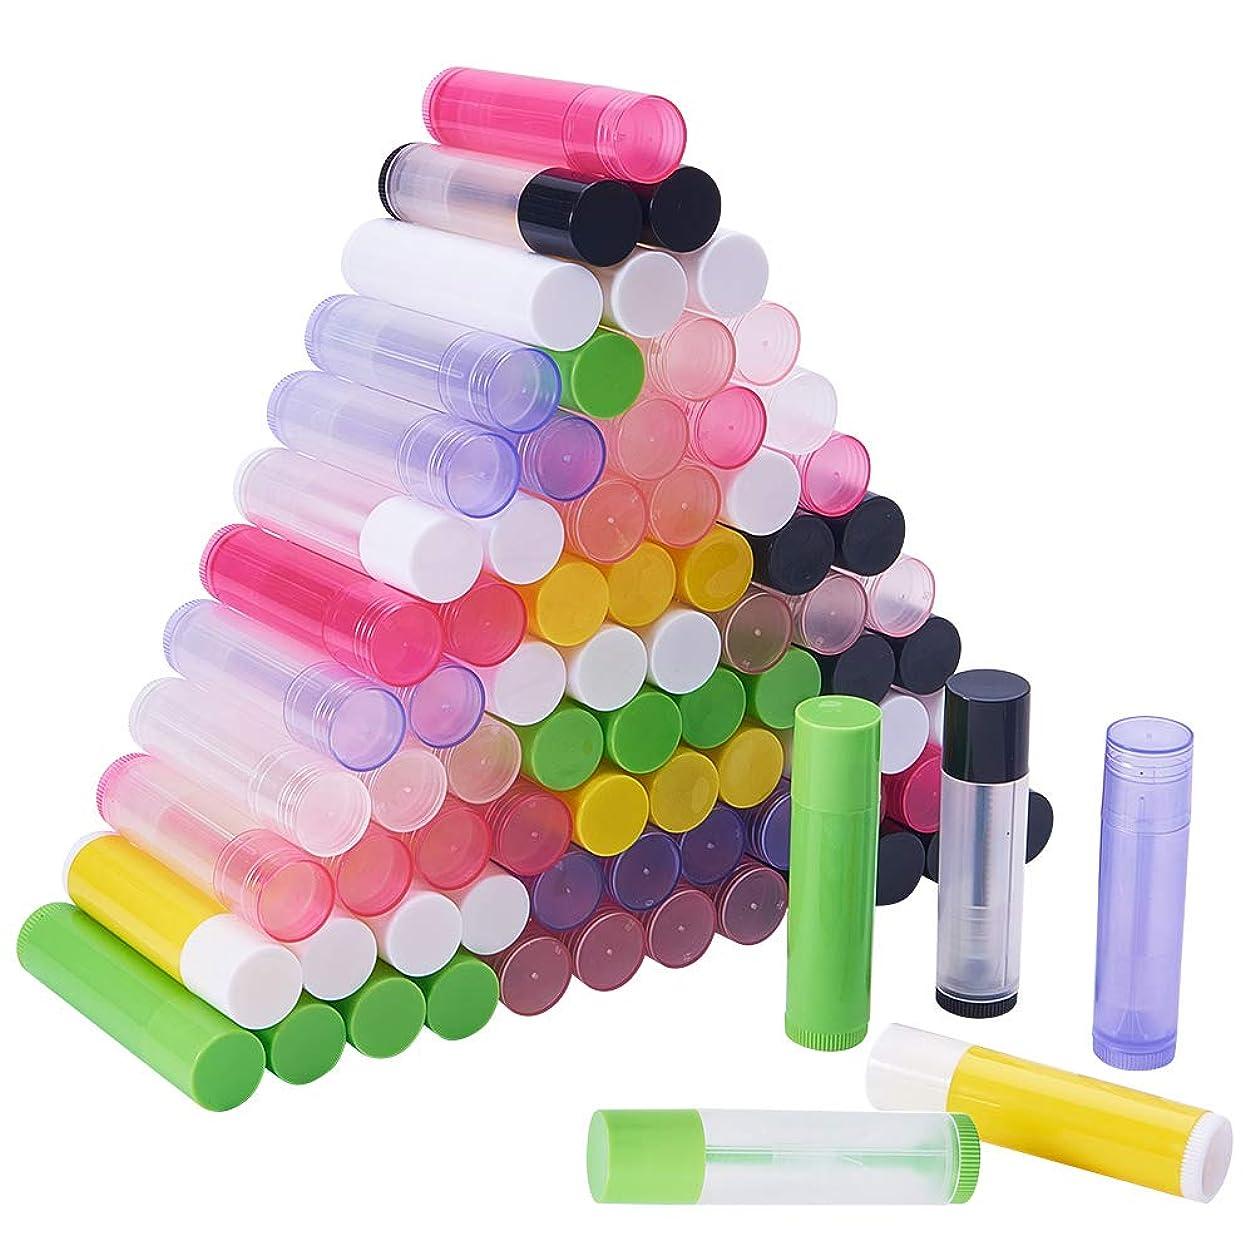 相関する薄汚いこんにちはPH PandaHall 約90本 15色 リップ クリーム チューブ 5g容量 回転式 ミニ 詰め替え ボトル 透明&非透明 小分けボトル リップスティック 口紅 包装材料 繰り出し容器 手作りコスメ 混合色